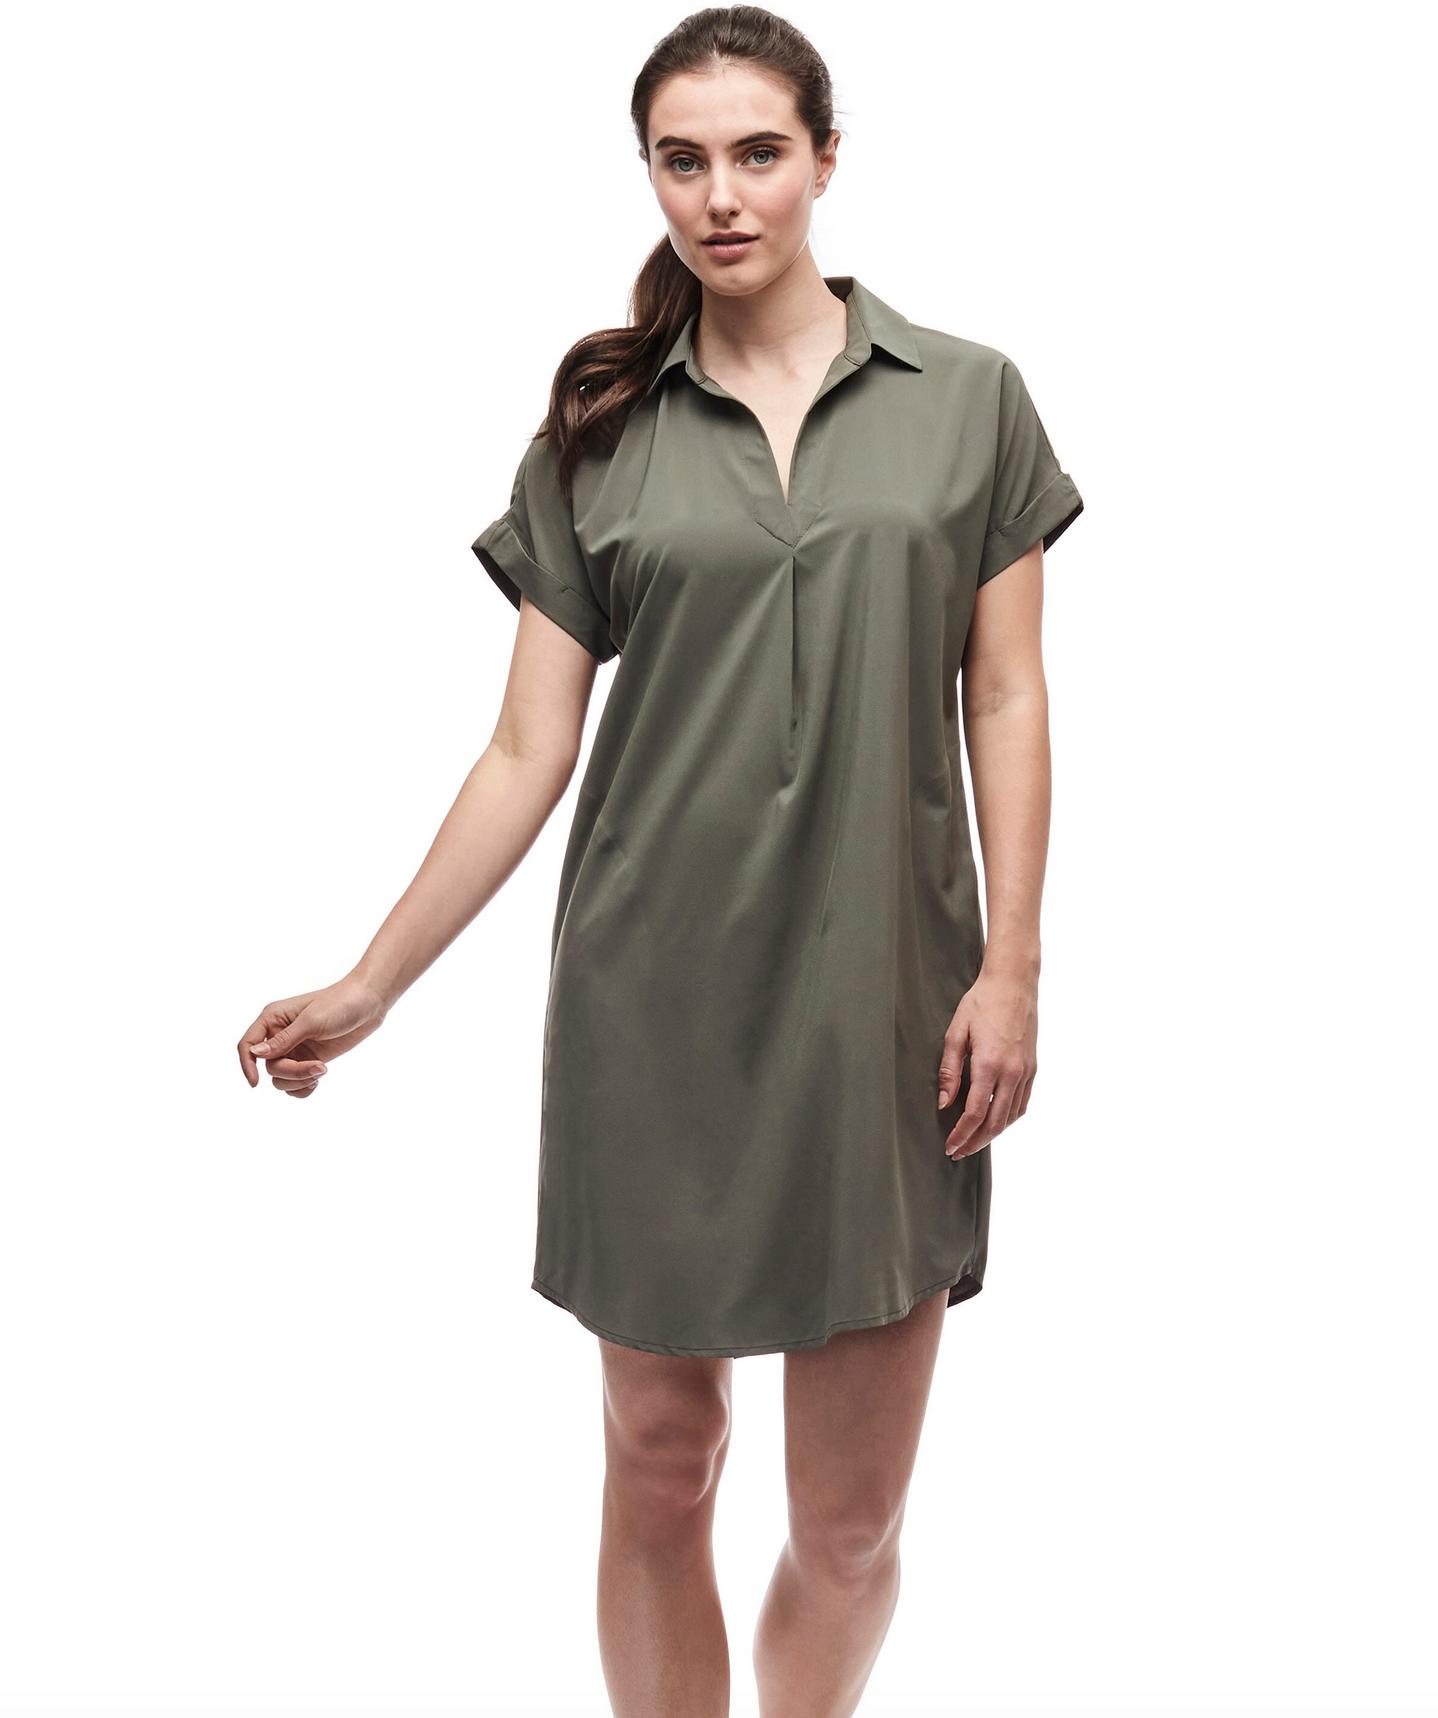 Women's Frivol Dress Cactus-1